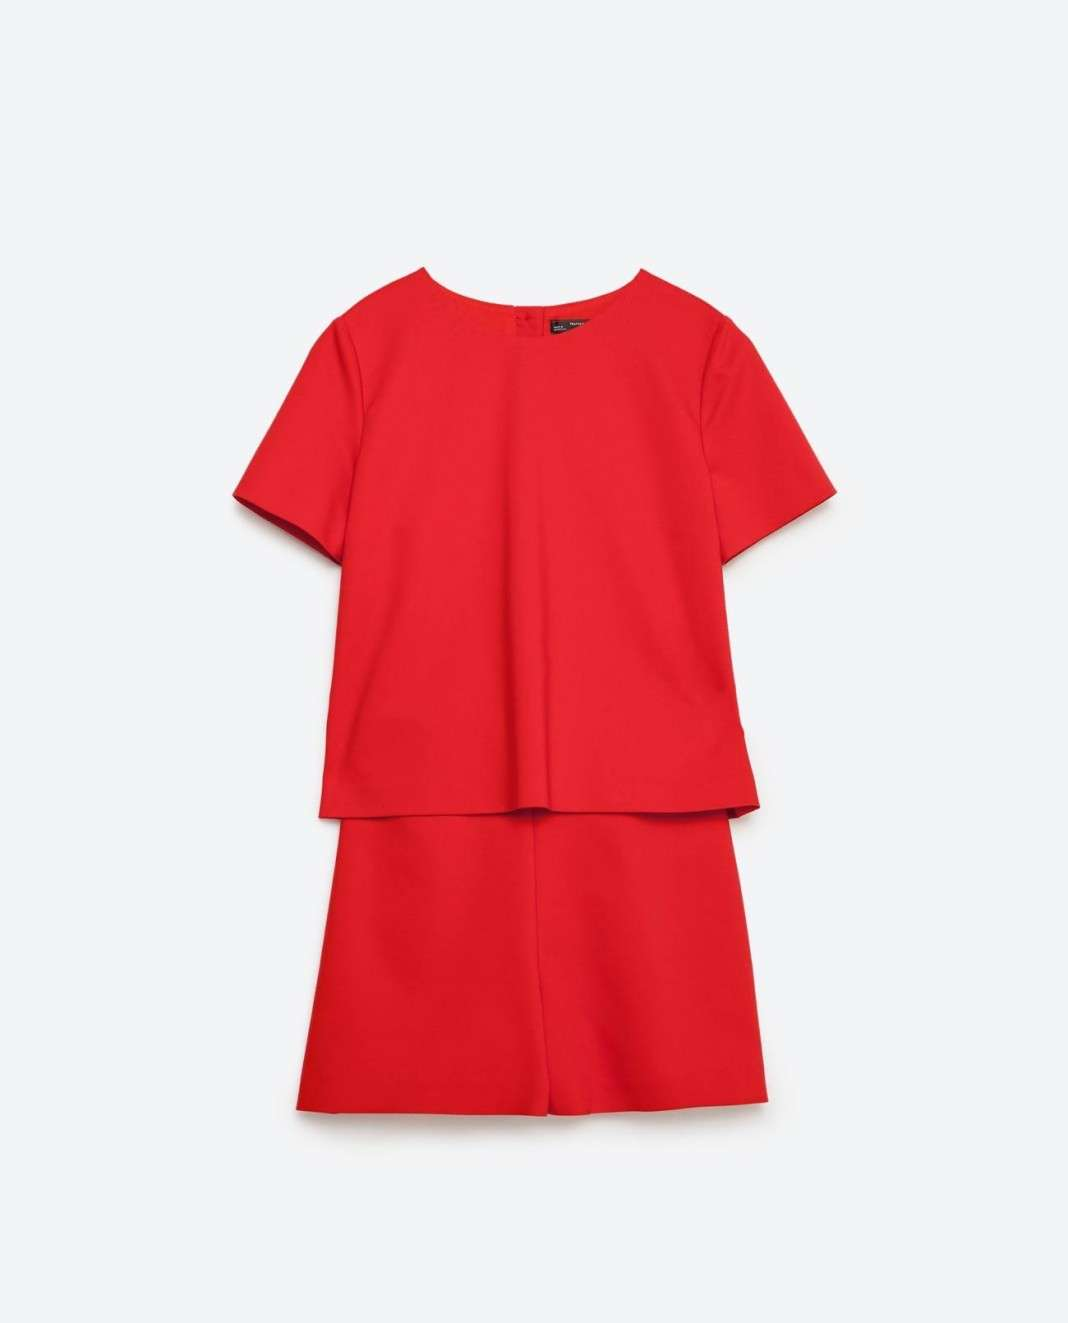 vestidos de Zara para el verano 2016 rojo